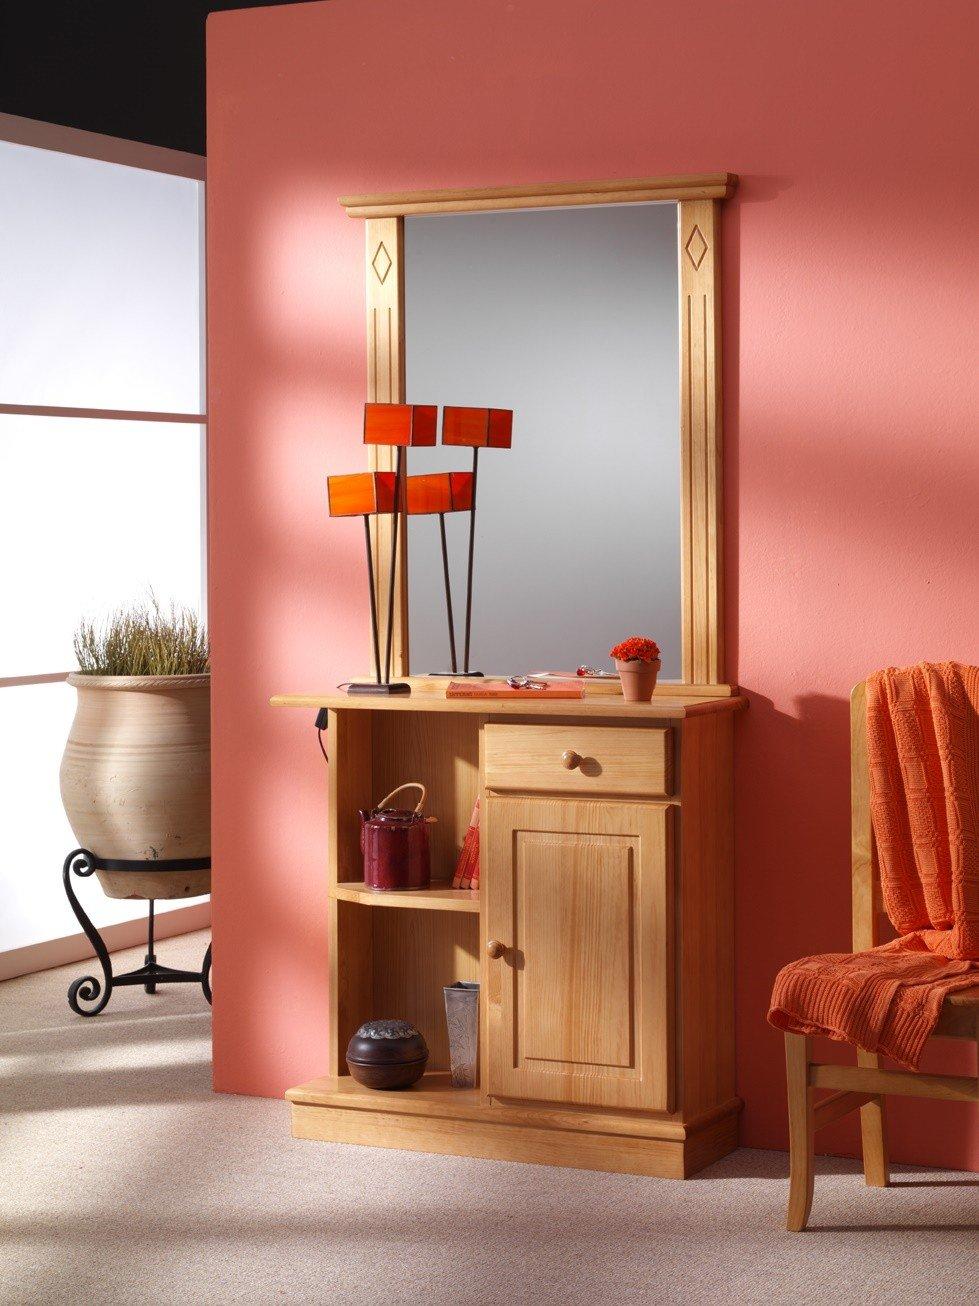 Recibidores baratos muebles de pino tienda decoraci n - Muebles de decoracion baratos ...